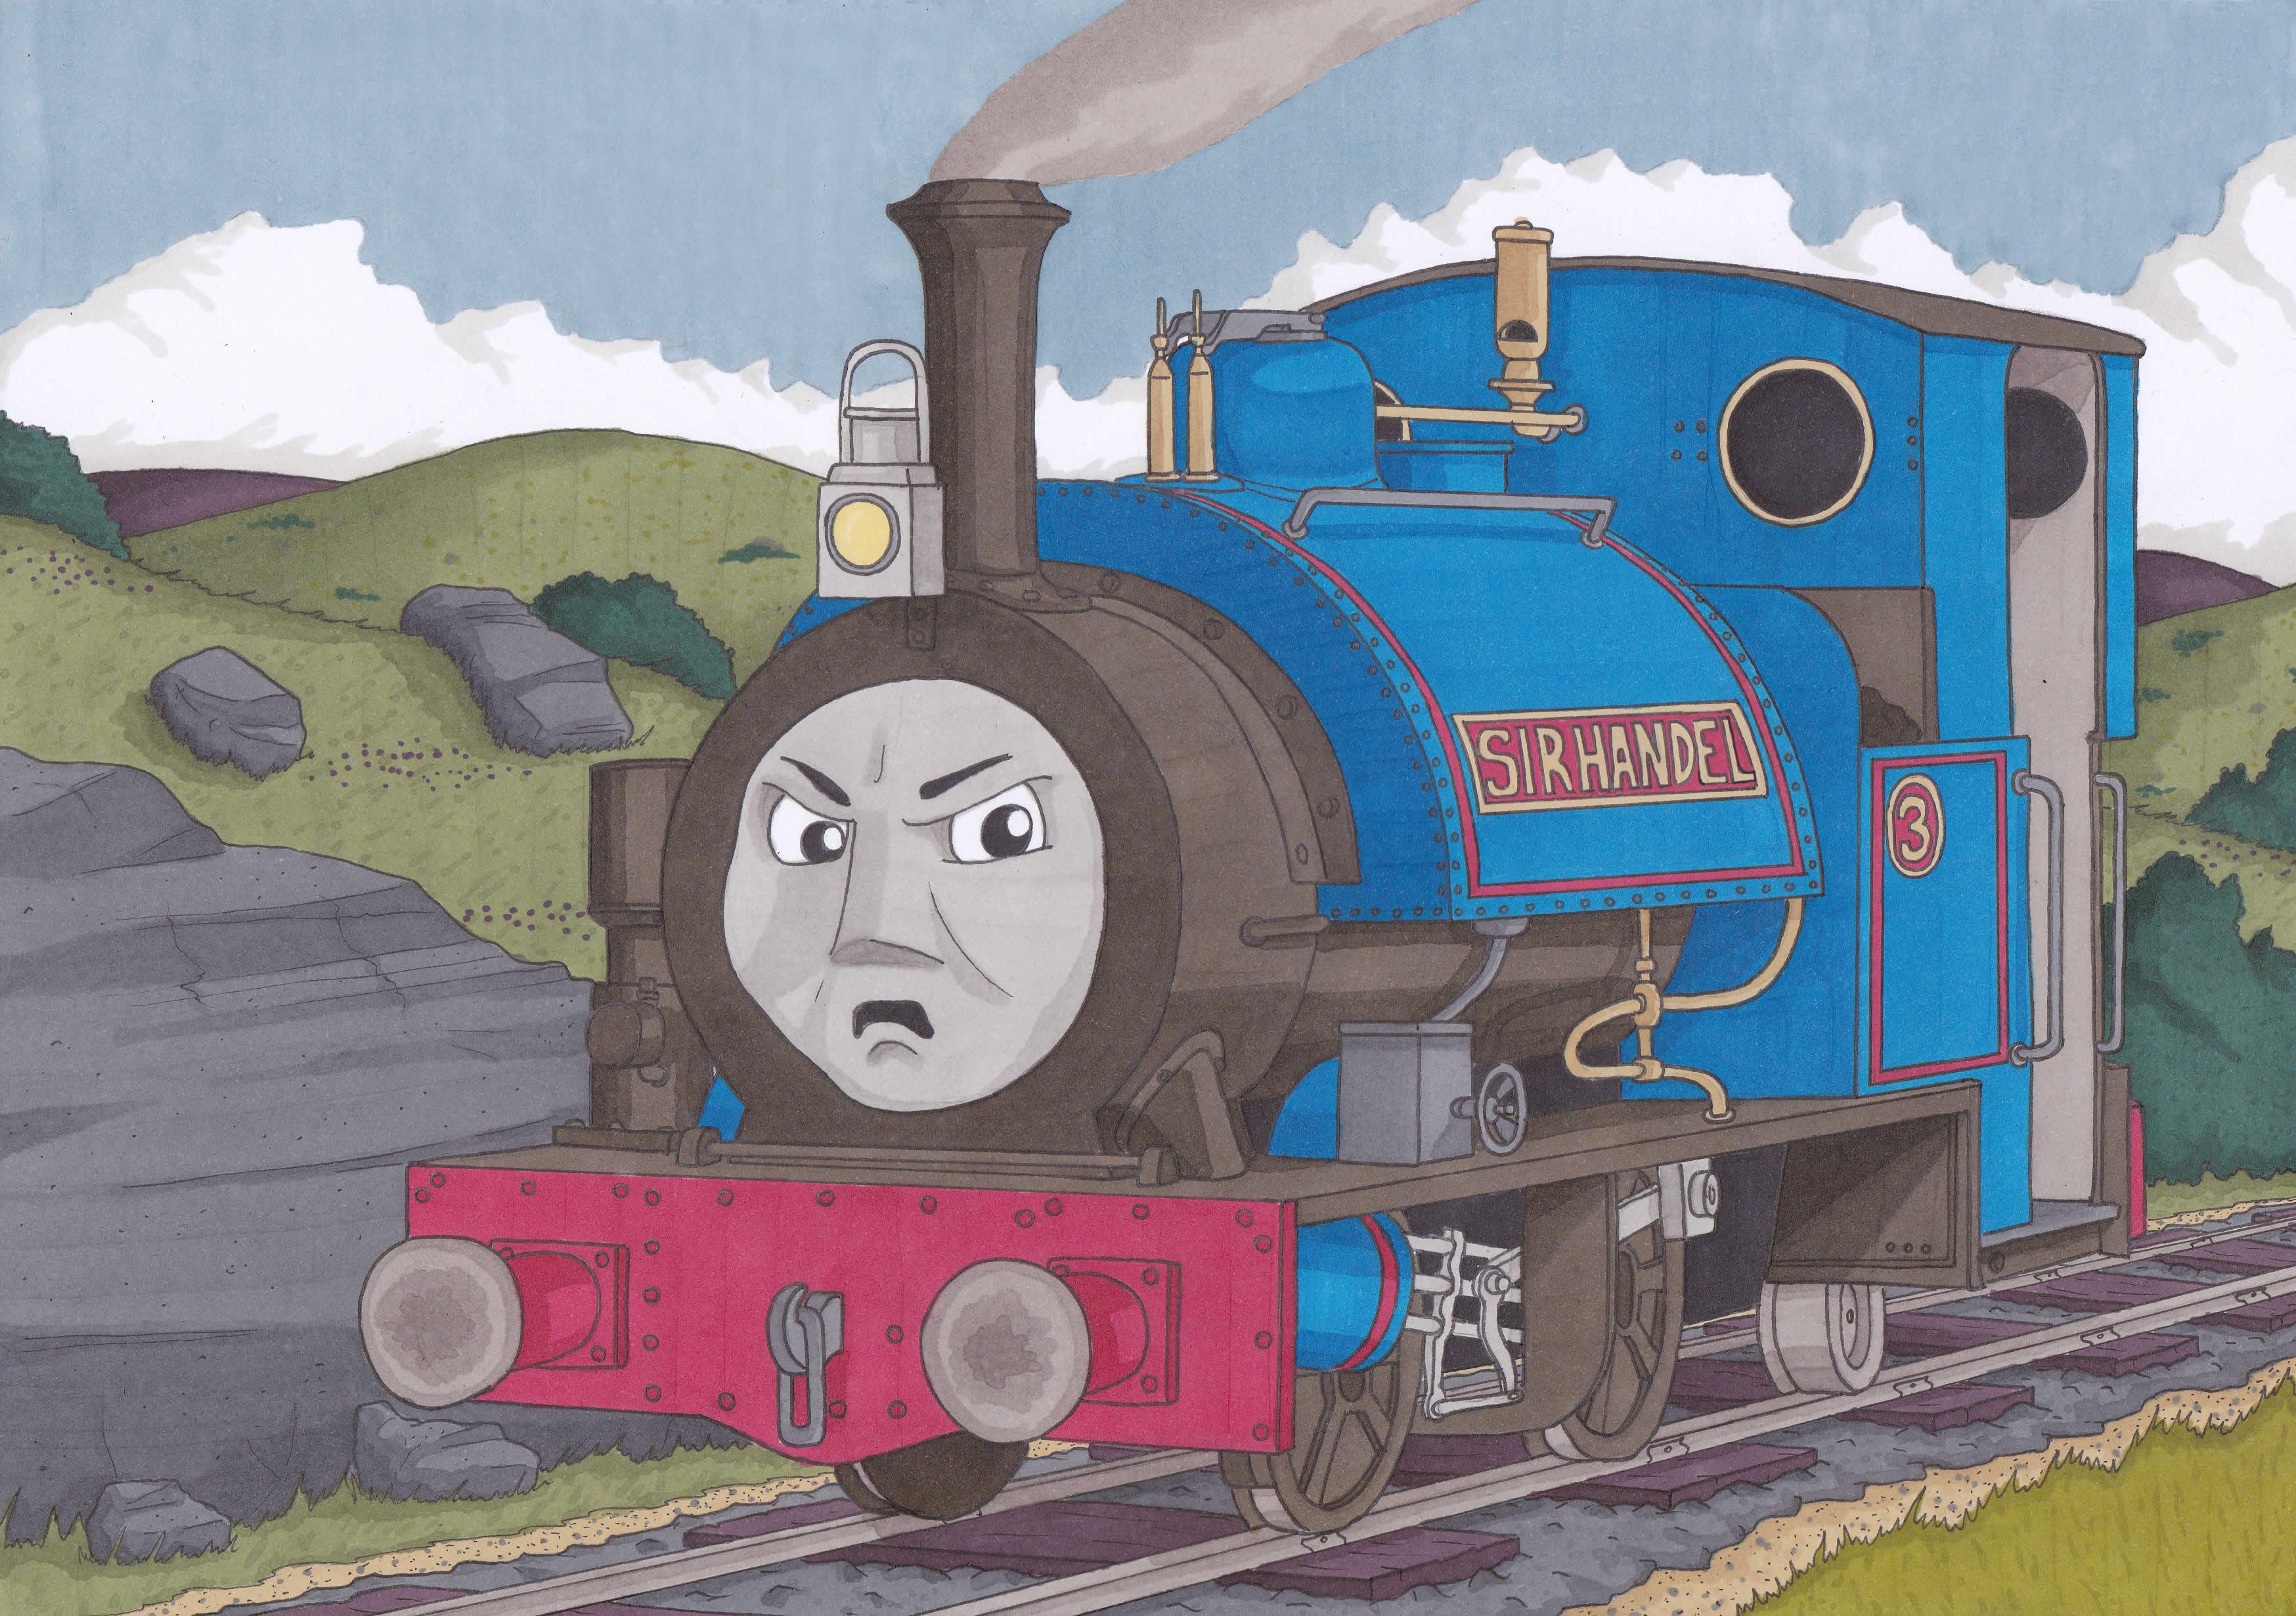 смешные рисунки паровозиков находятся совсем